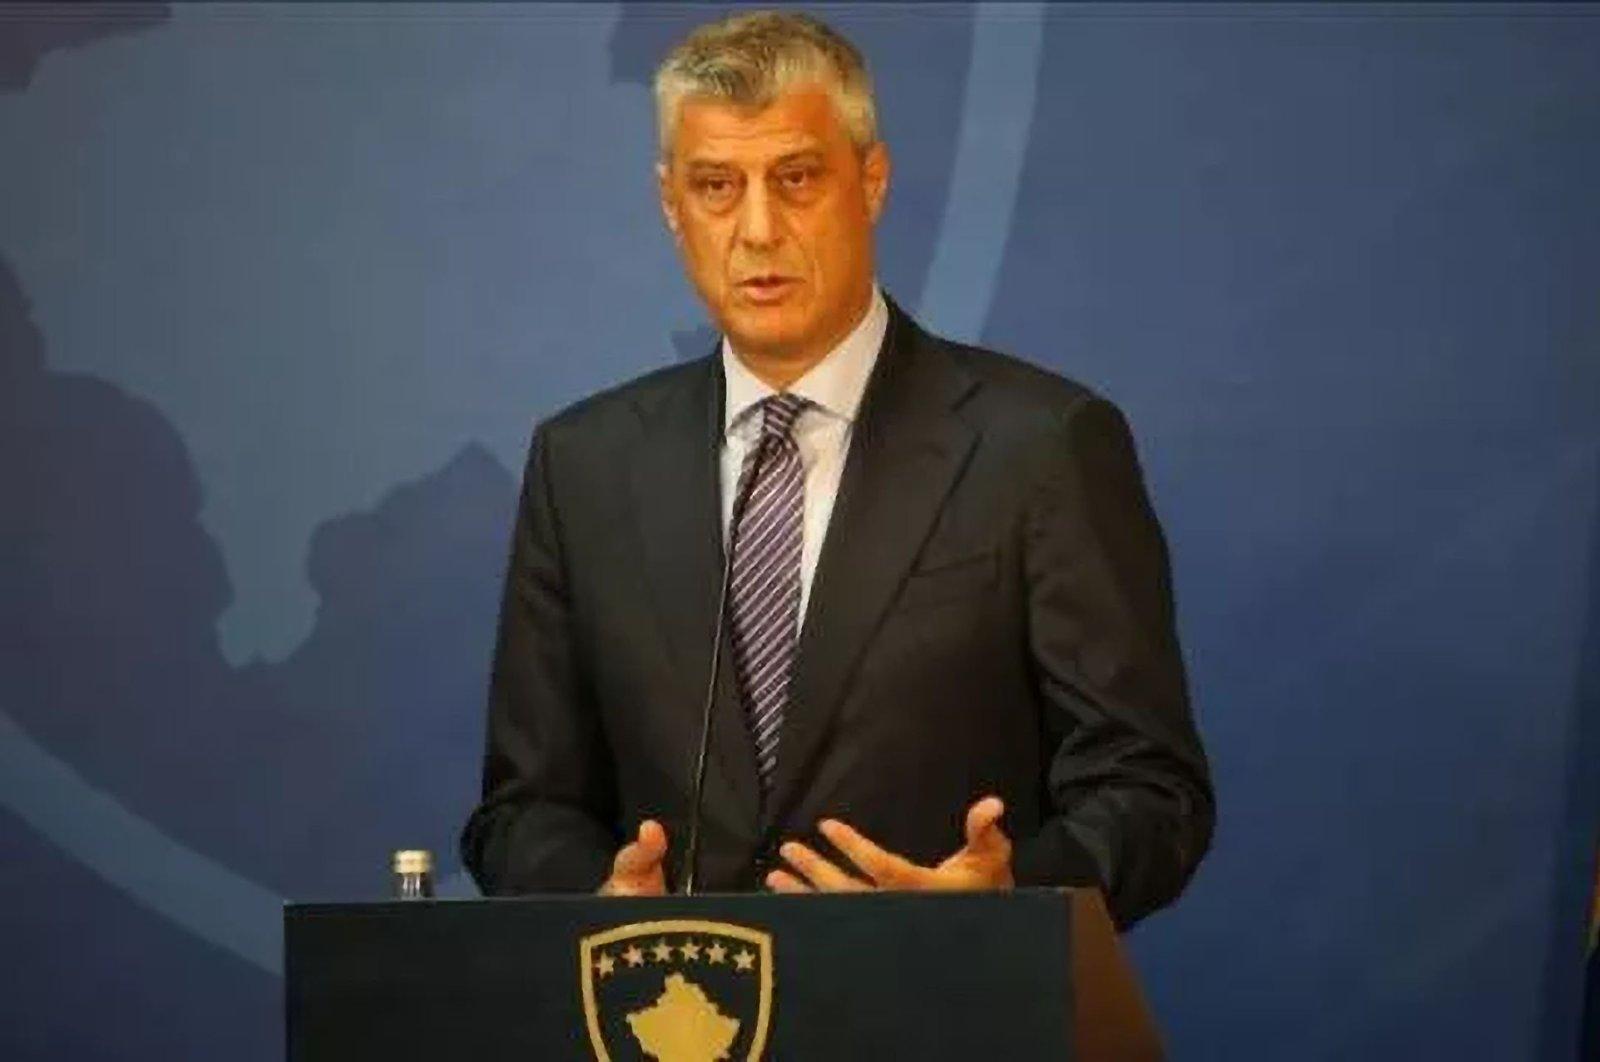 Kosovo President Hashim Thaci. (File Photo)